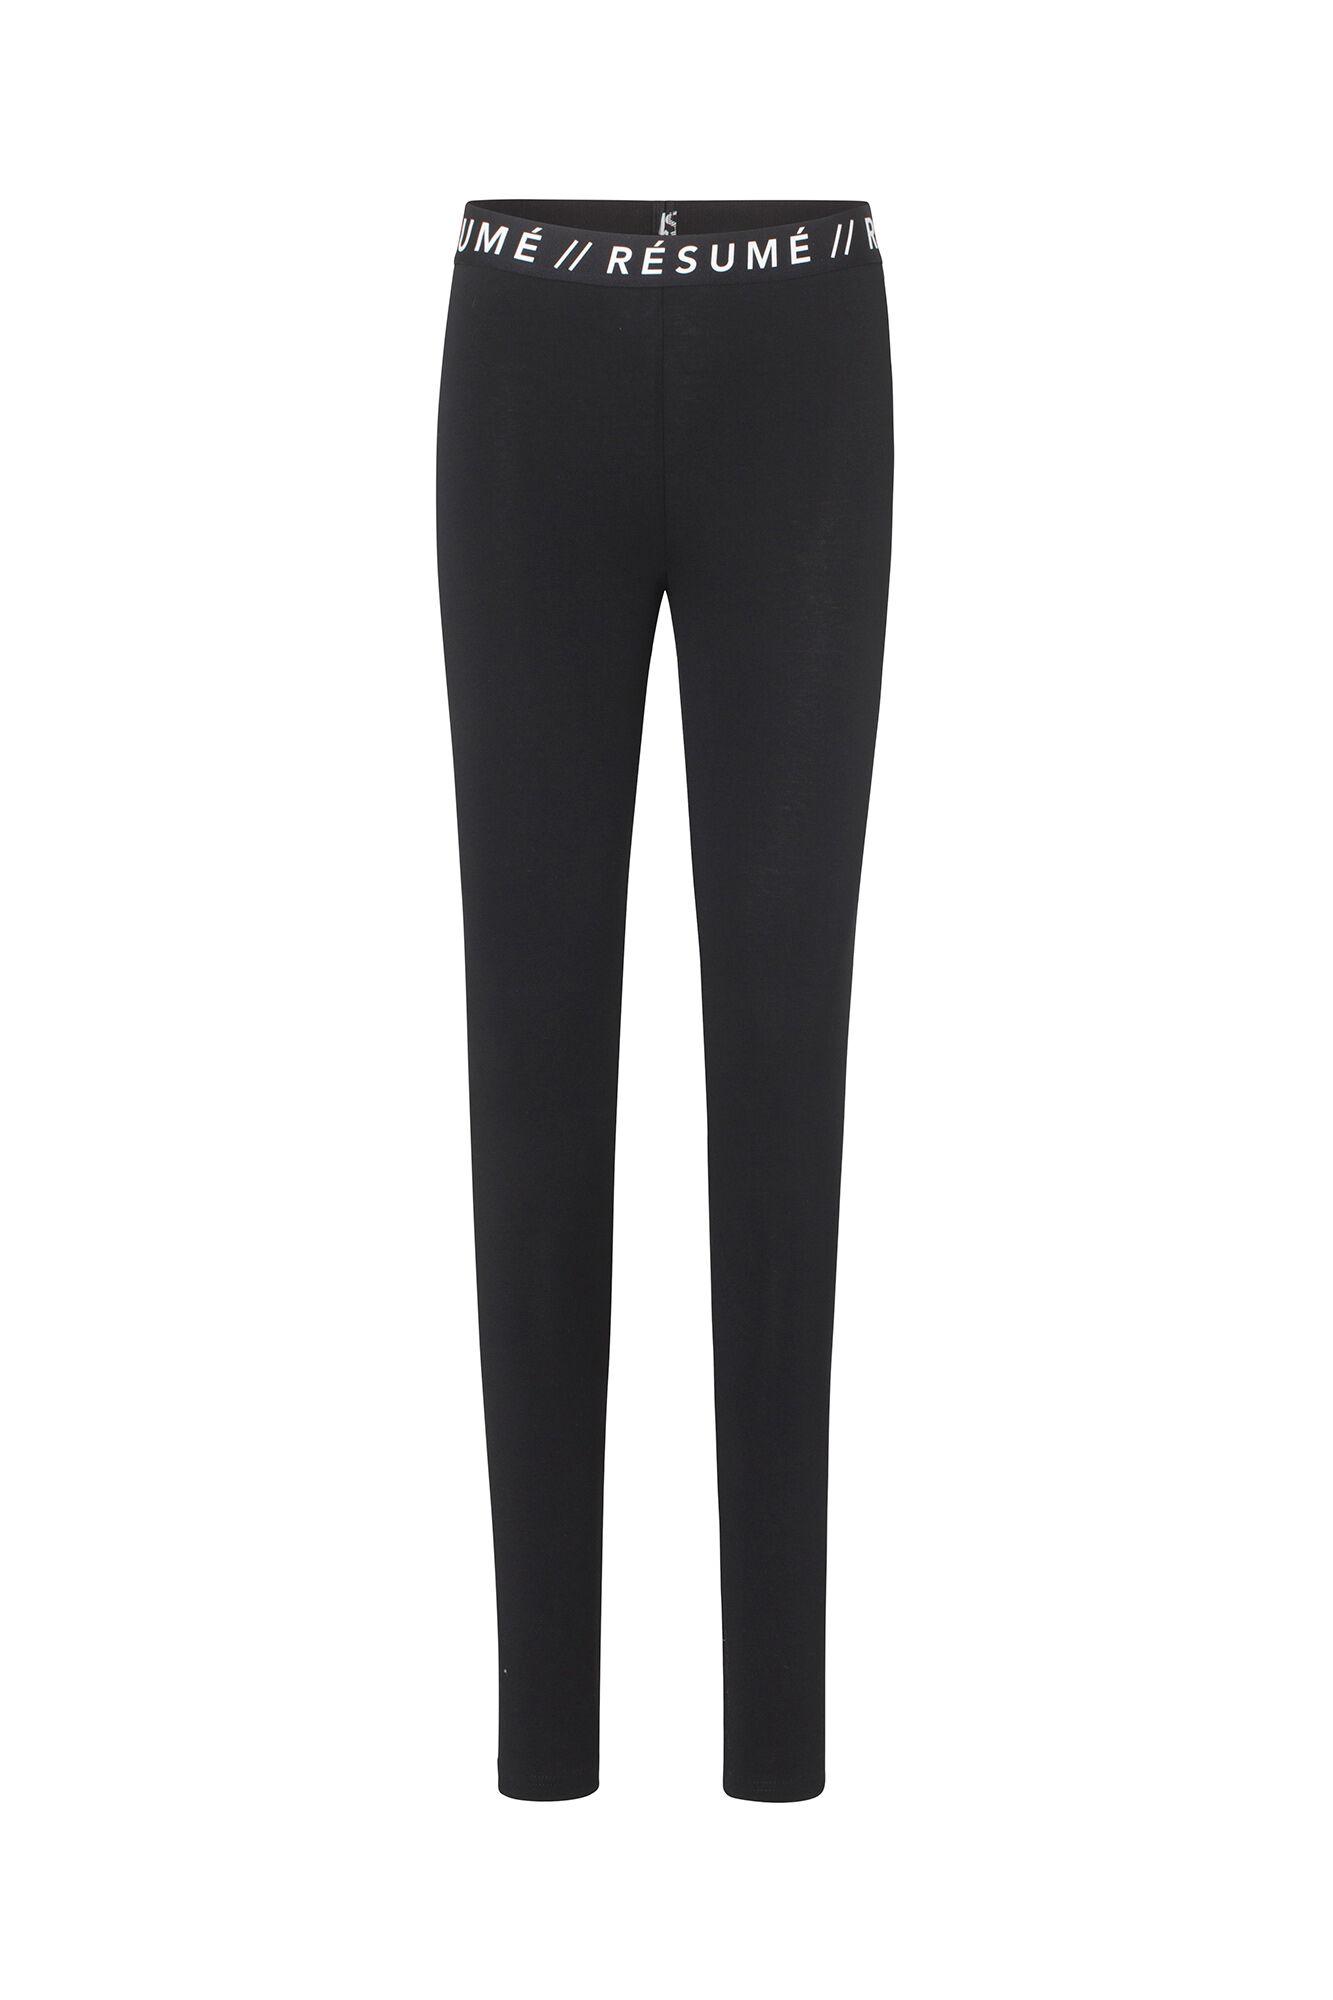 Resume leggings 06110366, BLACK